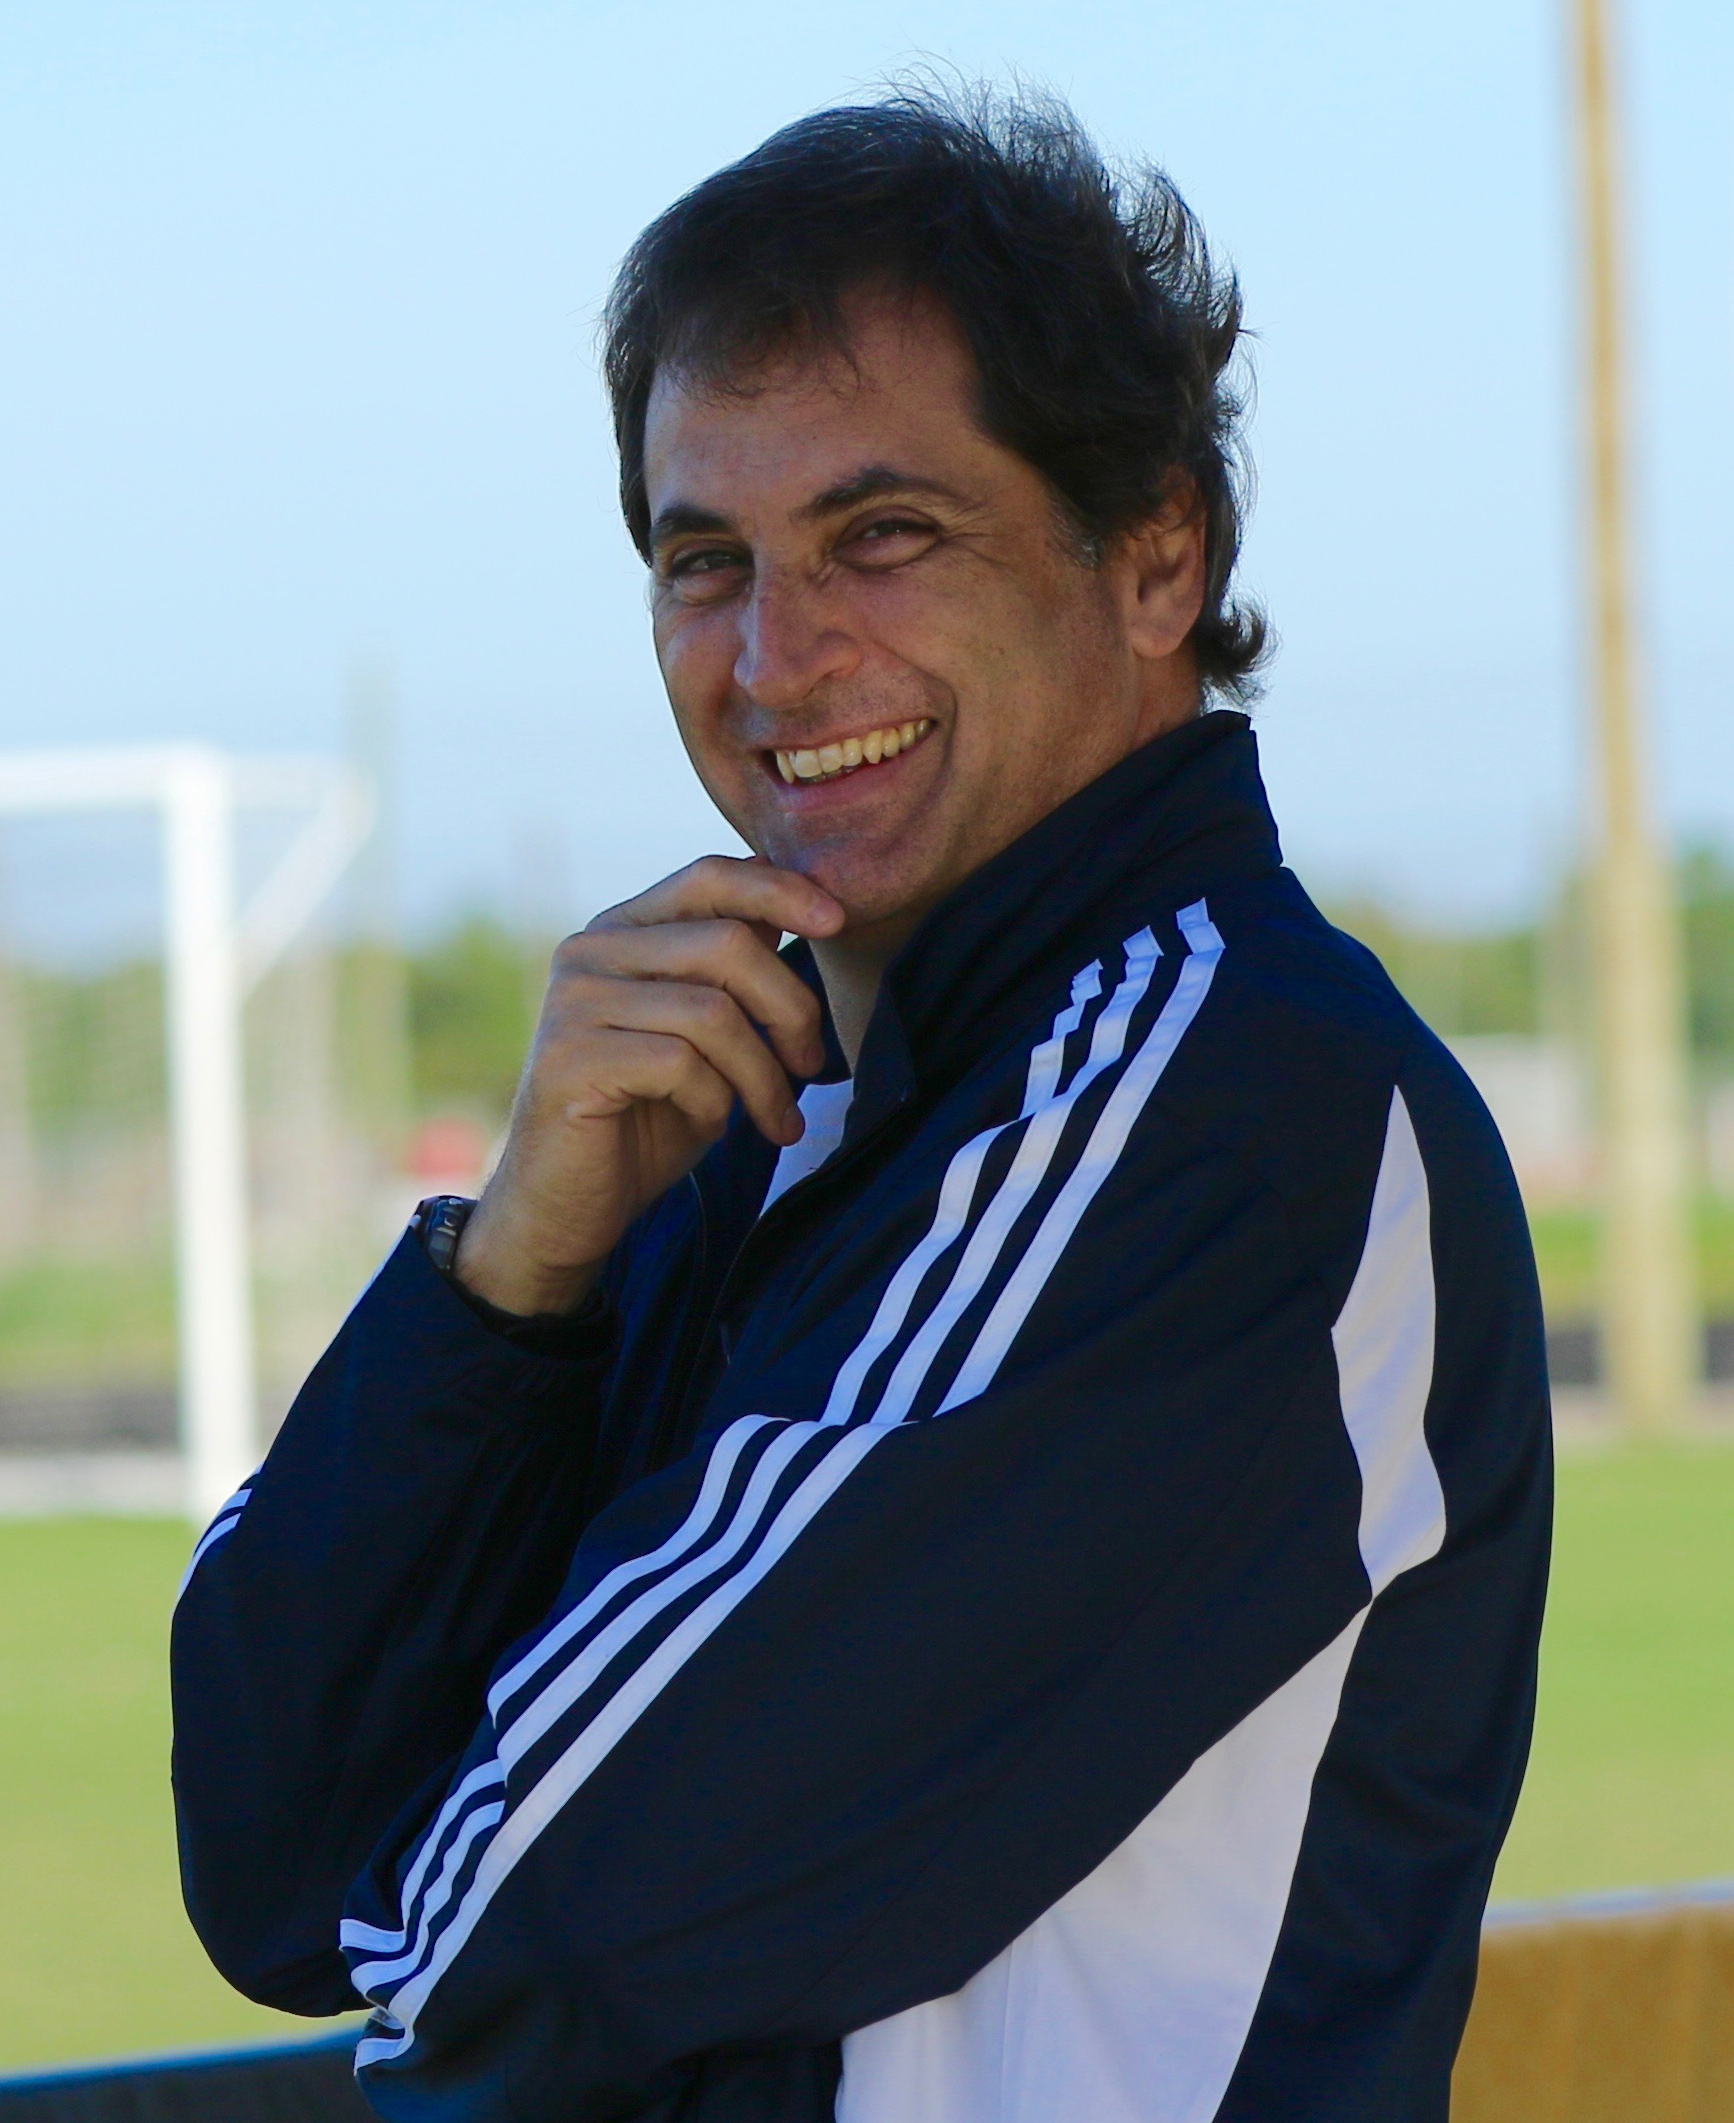 Coach Paul Delbo